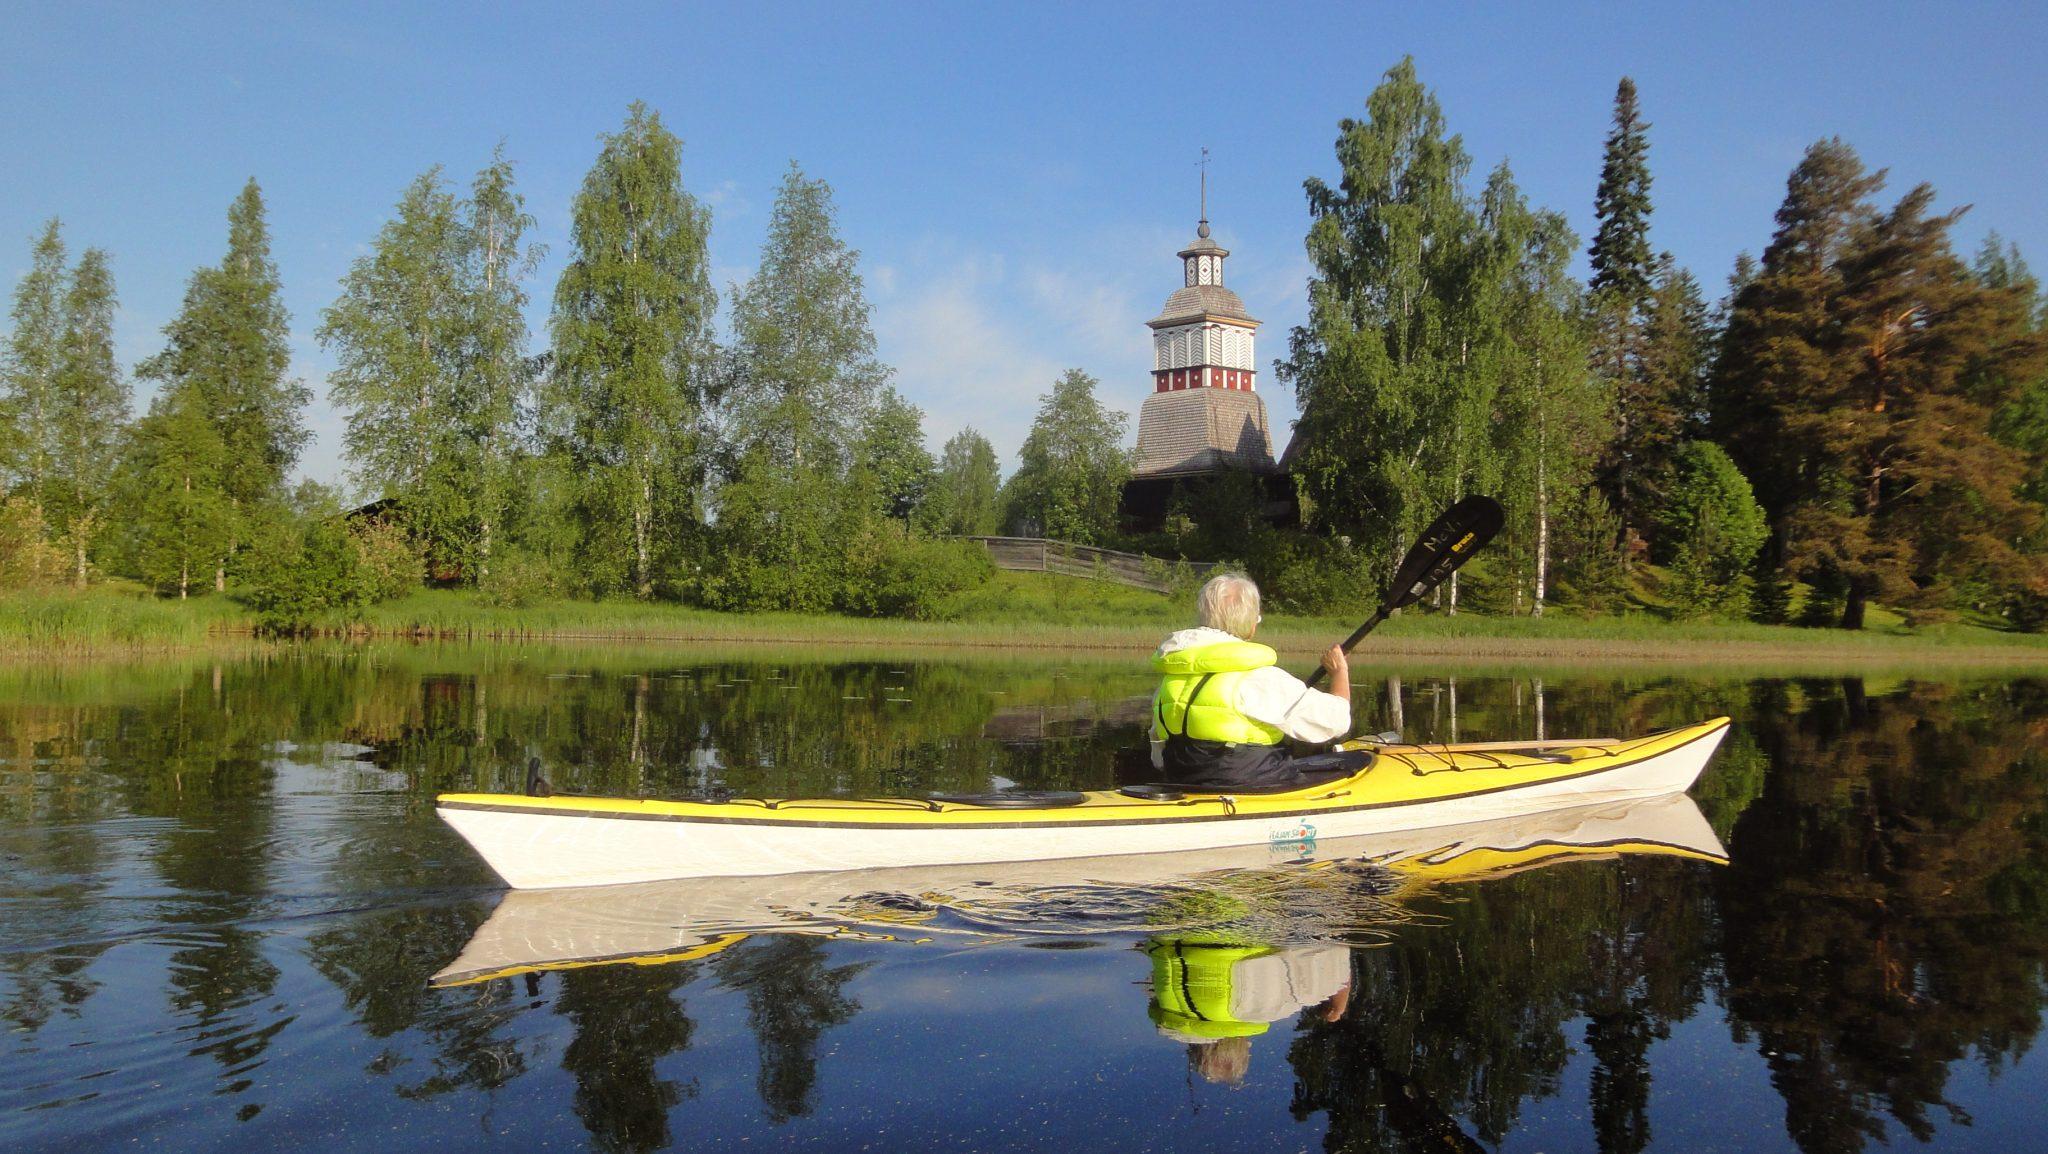 Henkilö meloo kellertävällä kanootilla ilta-auringossa kajakilla Unescon maailmanperintökohde Petäjäveden vanhan kirkon ohi ja päällään on keltainen pelastusliivi..